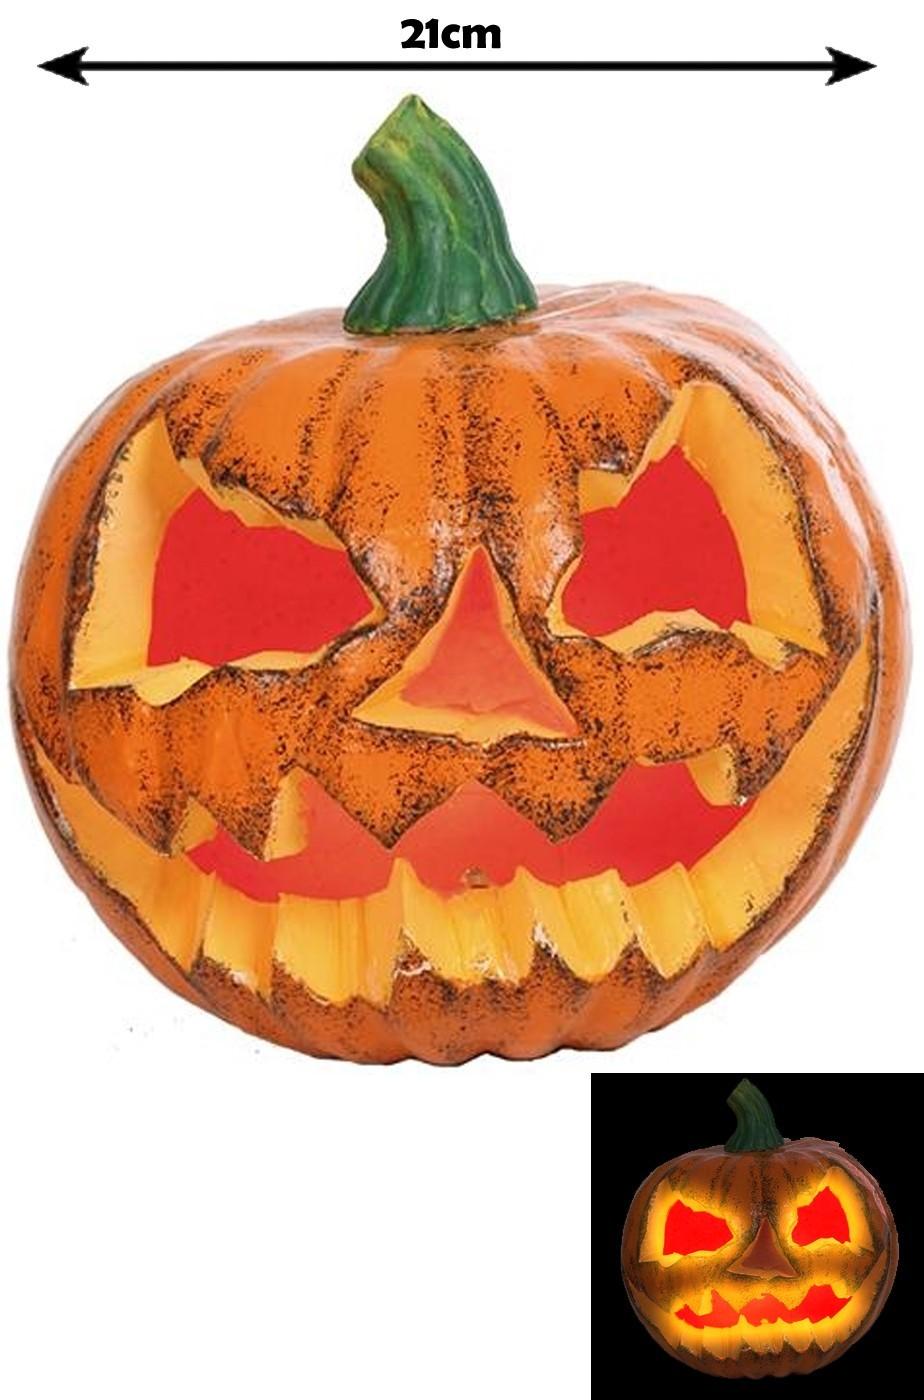 Decorazione Halloween Zucca con luce interna a LED